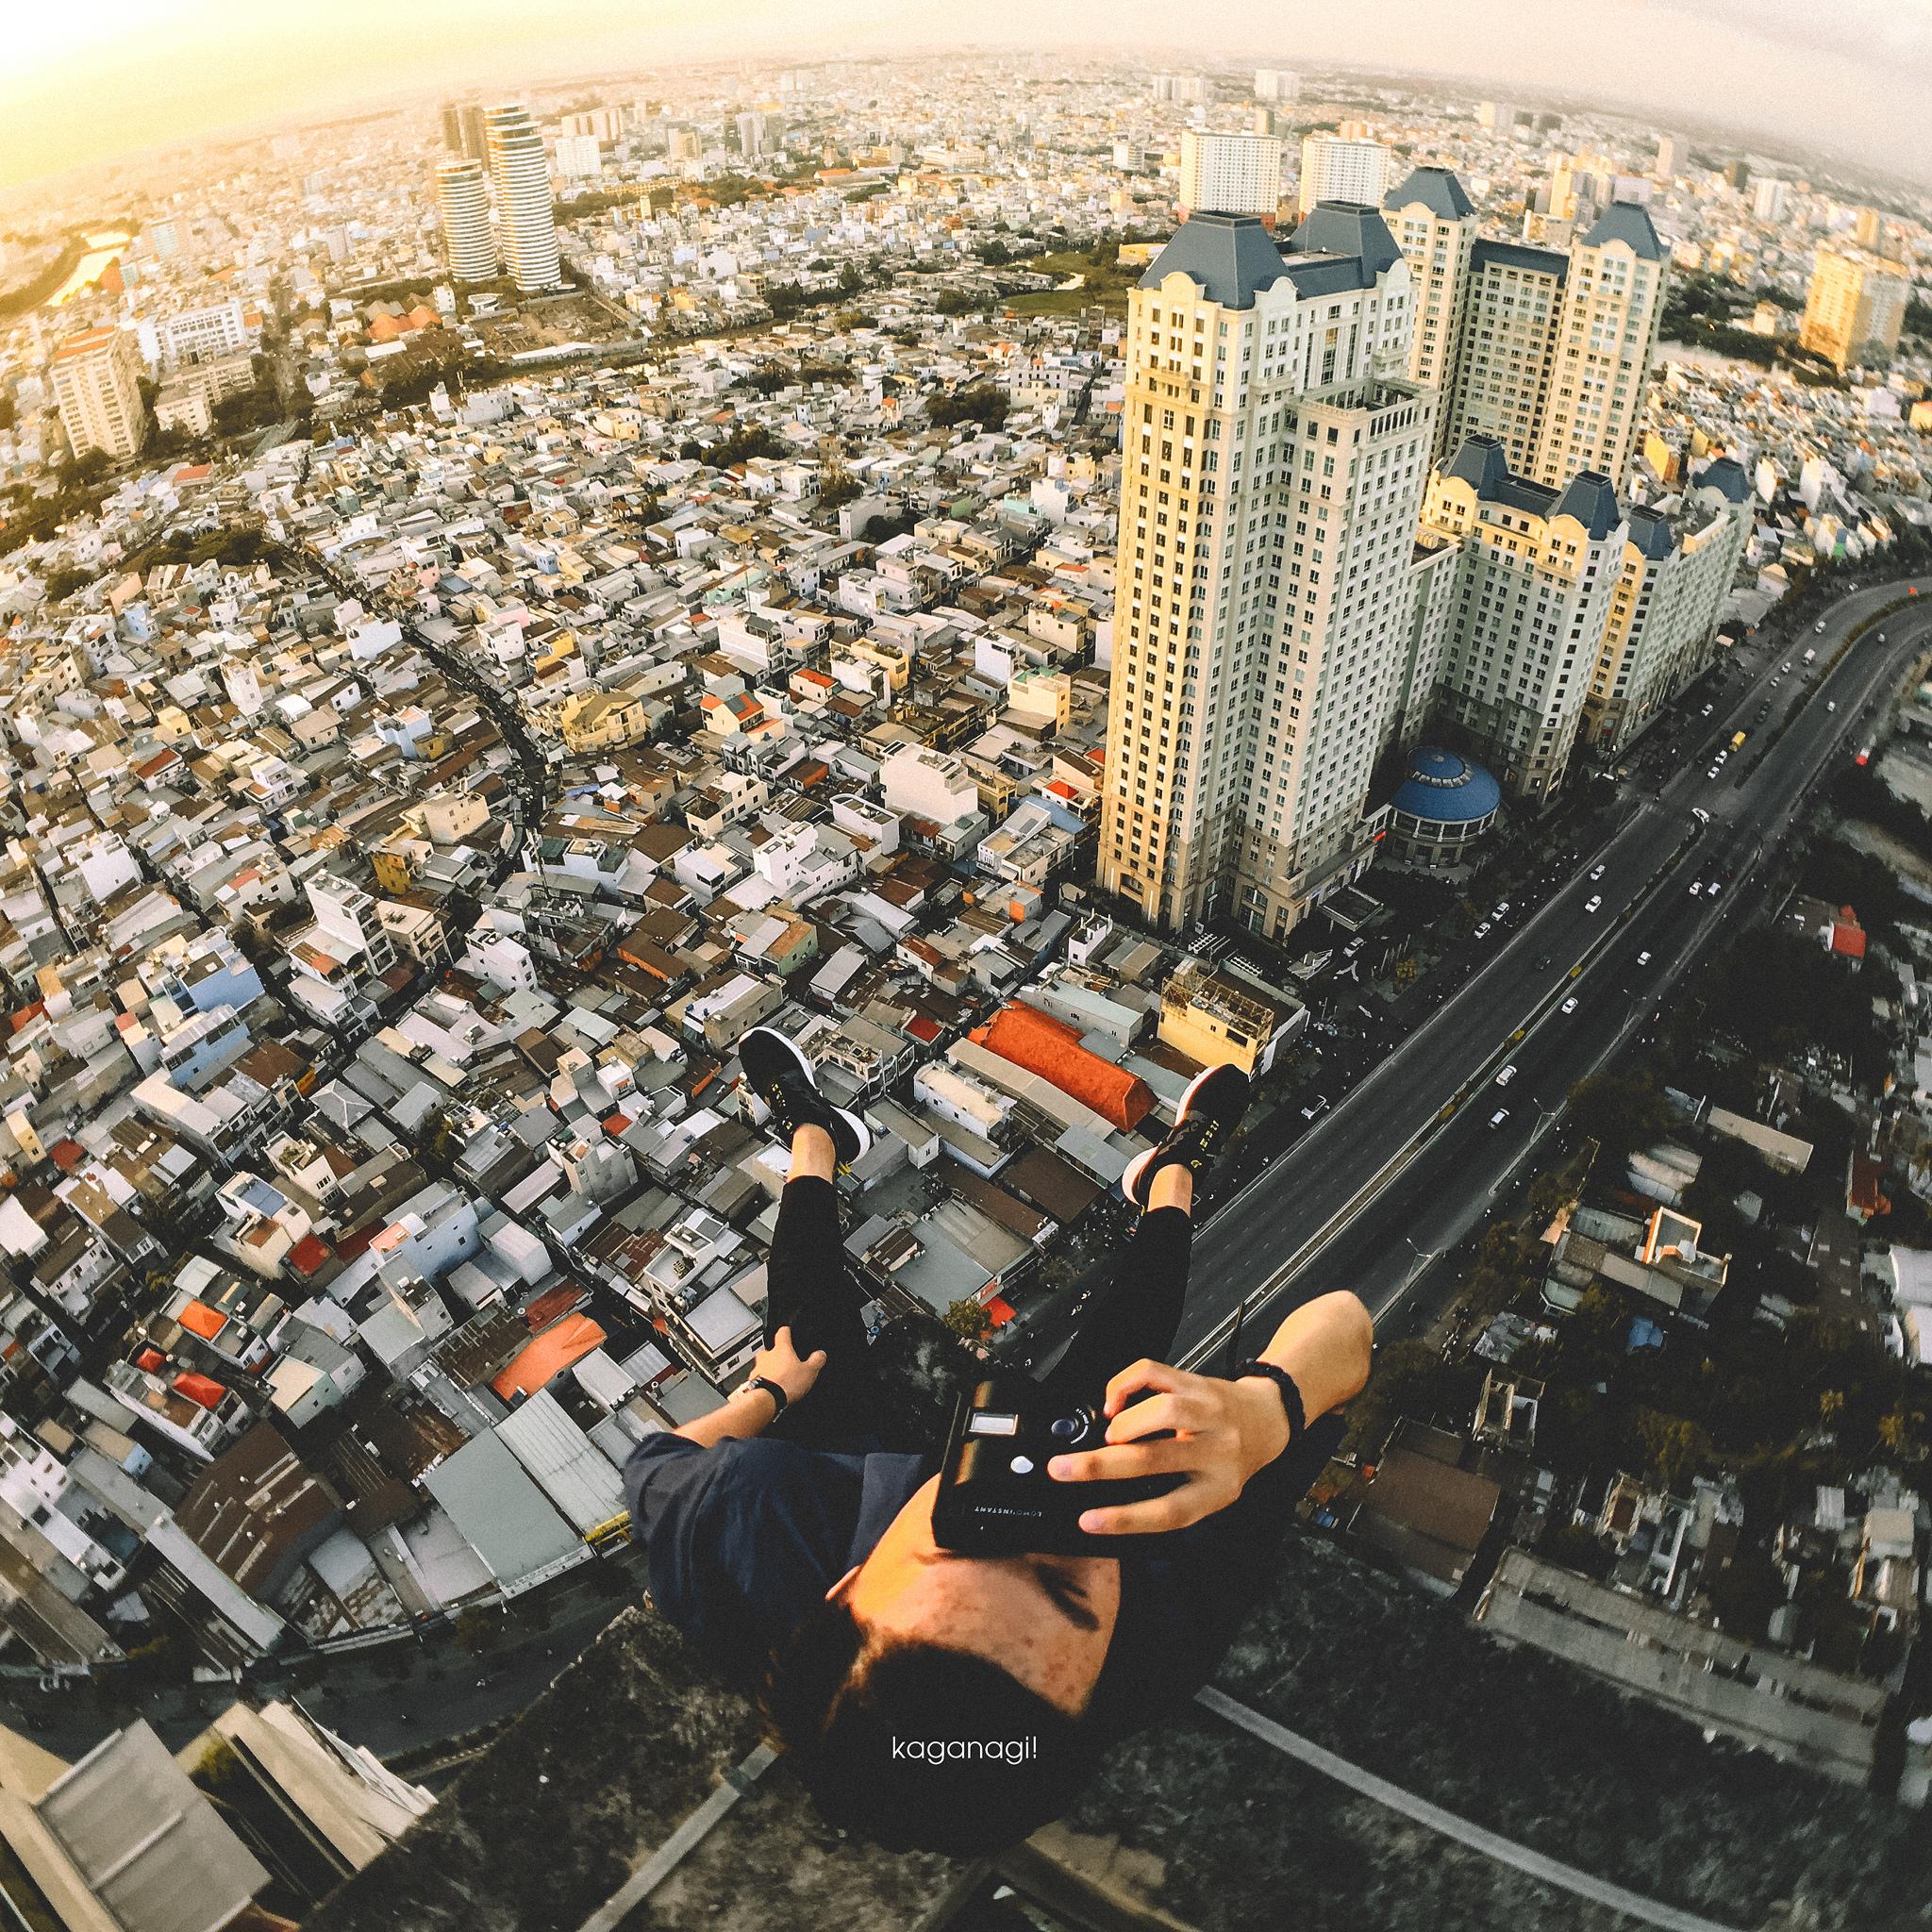 9x với loạt ảnh chụp từ trên cao khiến bạn ngỡ ngàng vì vẻ đẹp choáng ngợp của Sài Gòn - Ảnh 6.